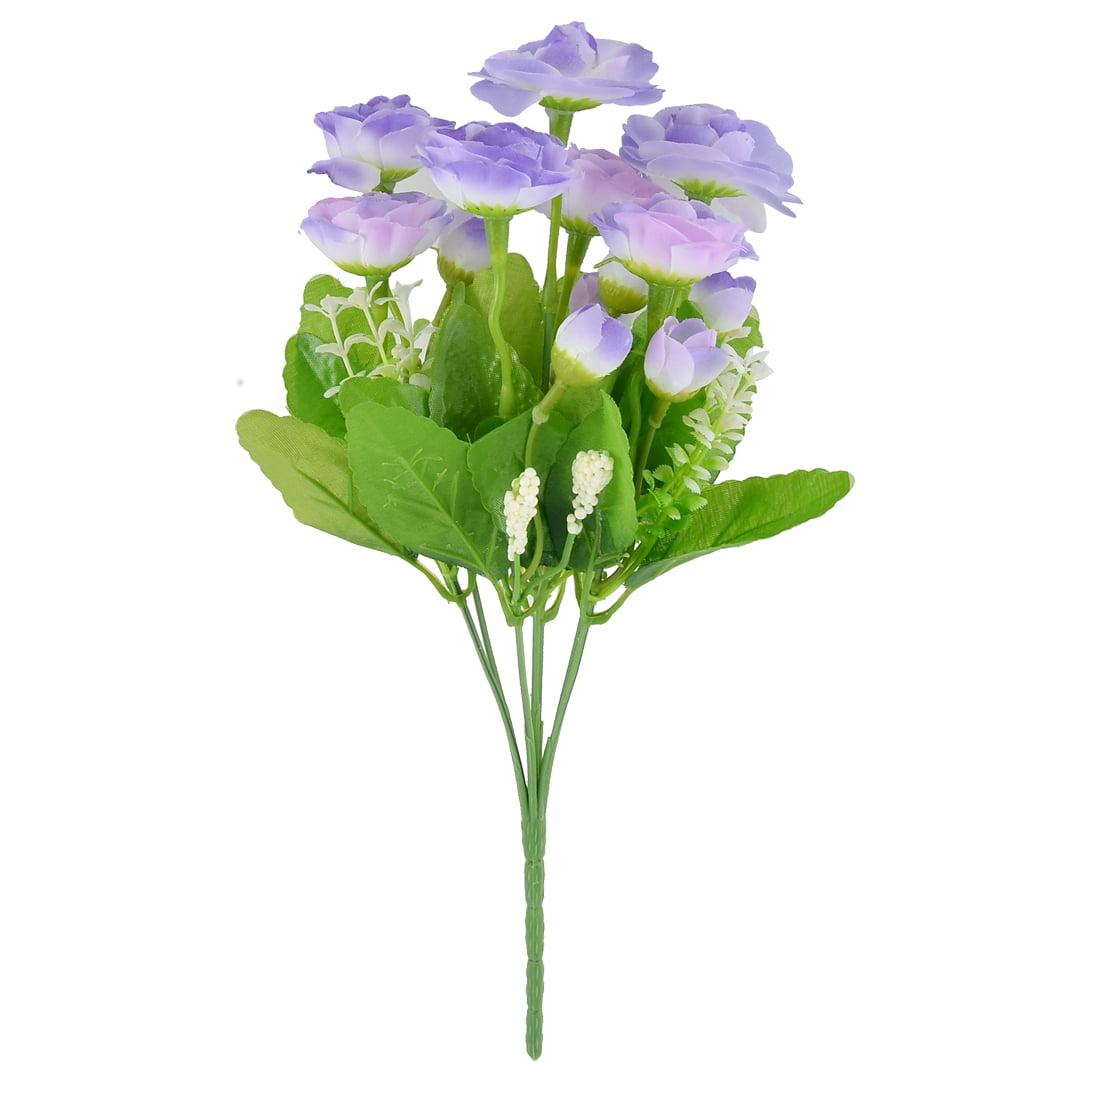 Unique Bargains 30cm Long Wedding Party Decor Rose Buds Artificial Flower Bouquet